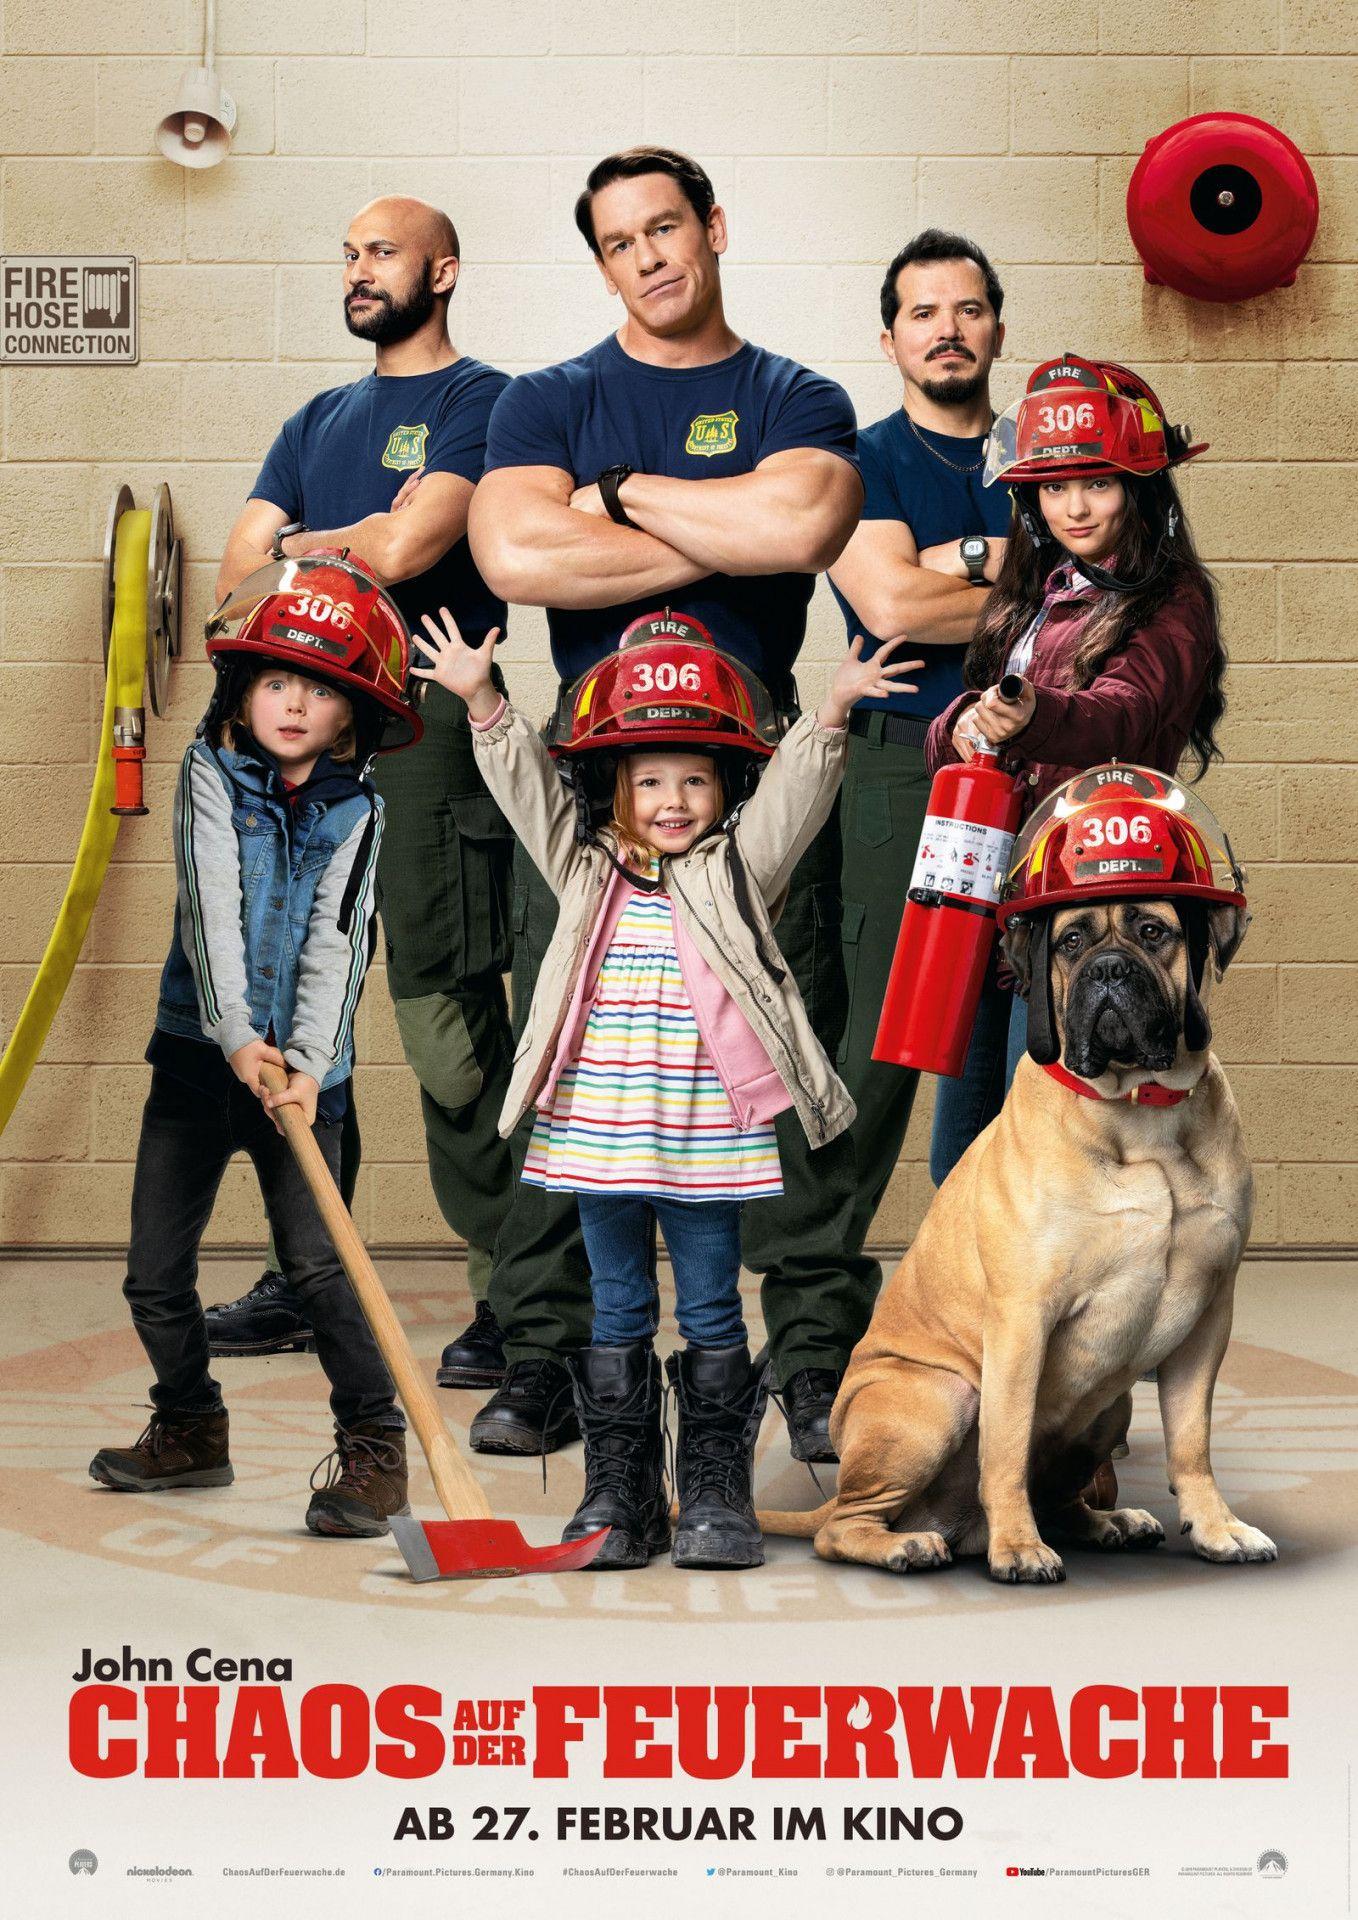 """Was sollen vier harte Feuerwehrmänner mit drei kleinen  Kindern anfangen? Die Komödie """"Chaos auf der Feuerwache"""" geht der Frage ganz nach dem Schema von """"Daddy ohne Plan"""" nach."""